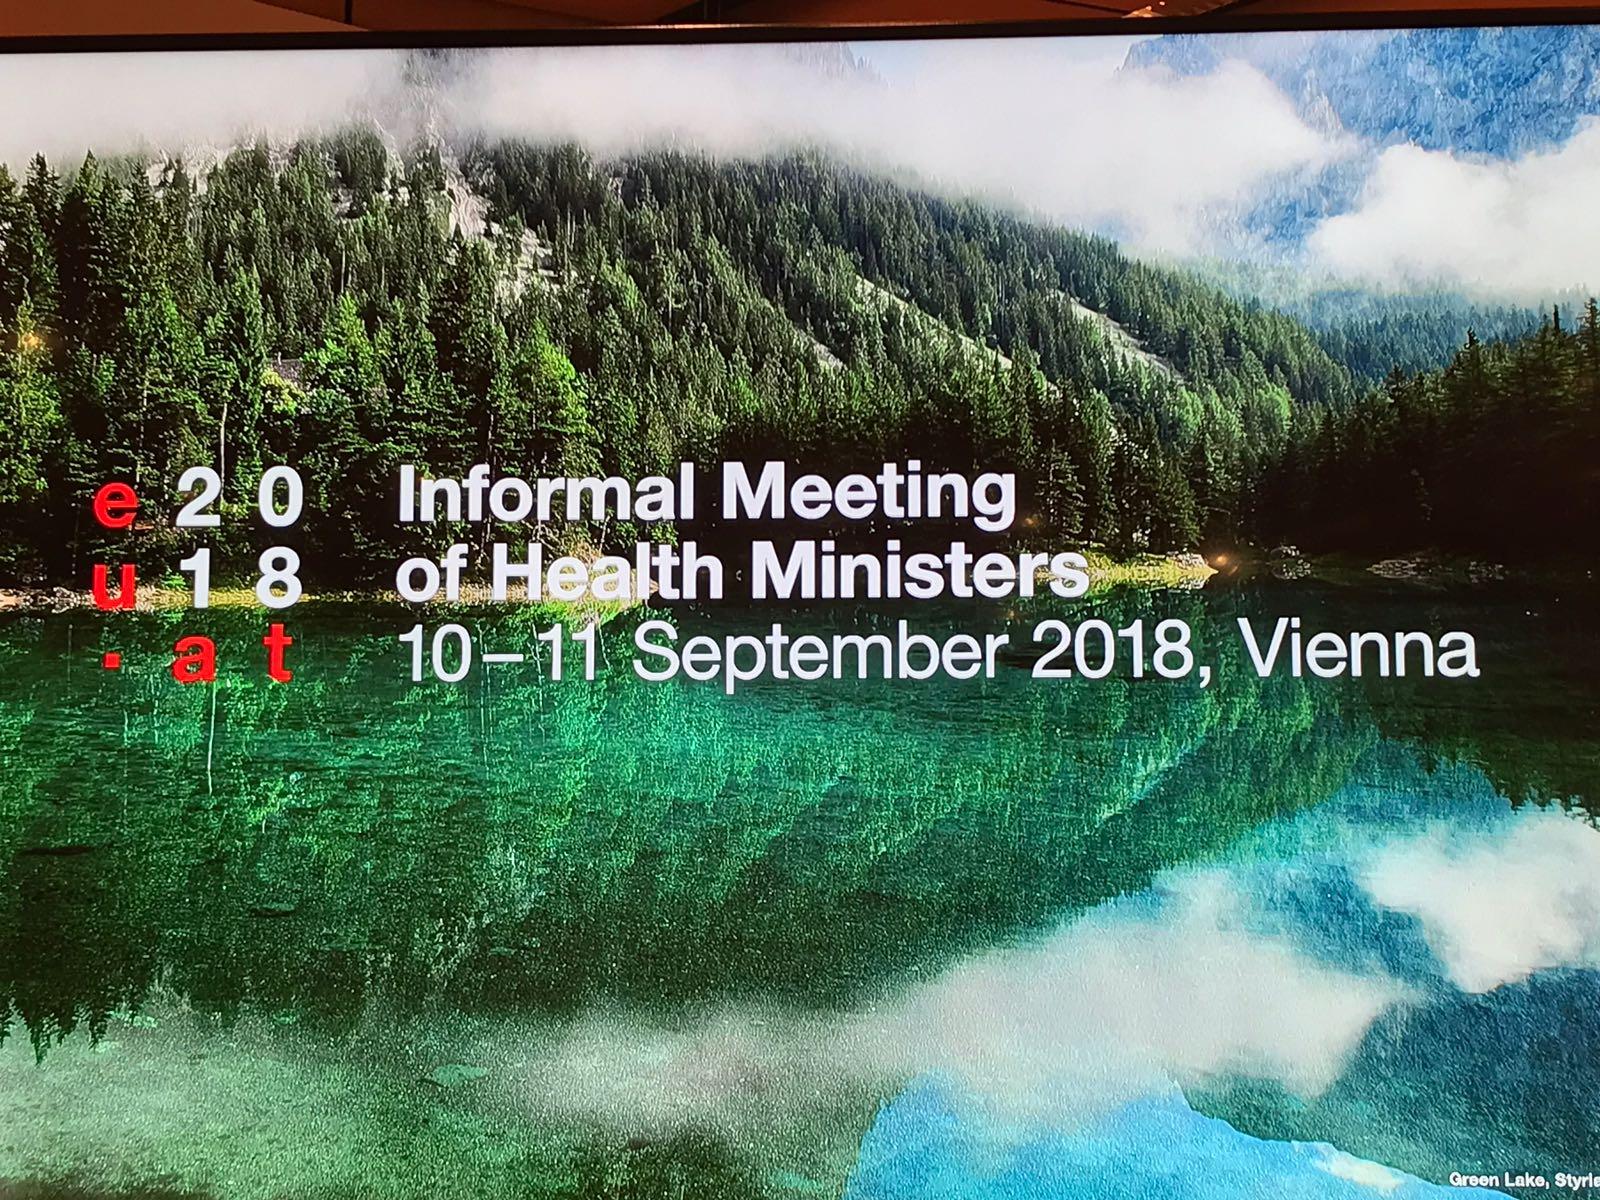 Volker Amelung und Patricia Ex zu Gast in Wien